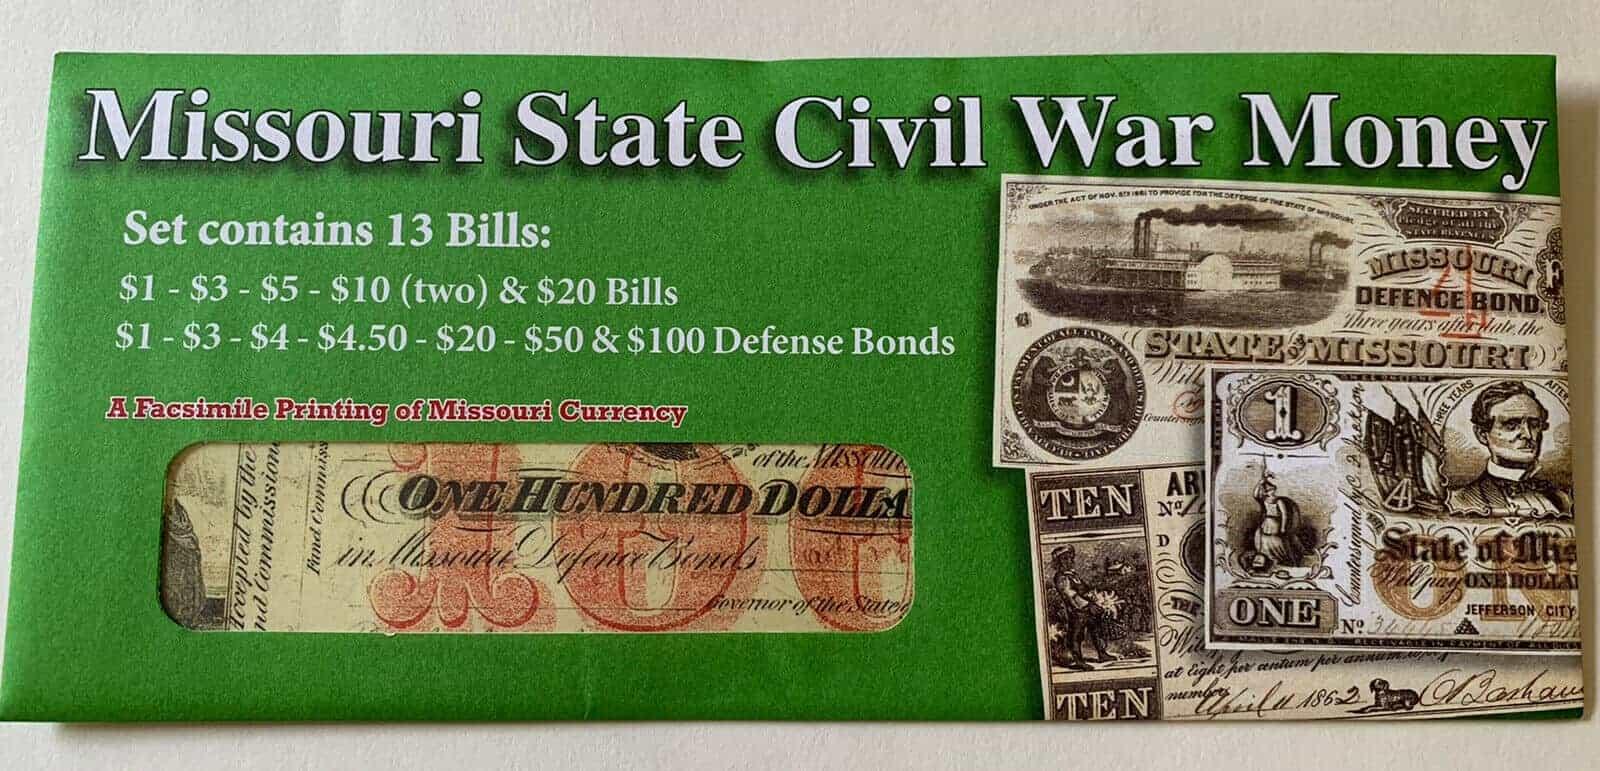 Missouri State Civil War Currency - replicas